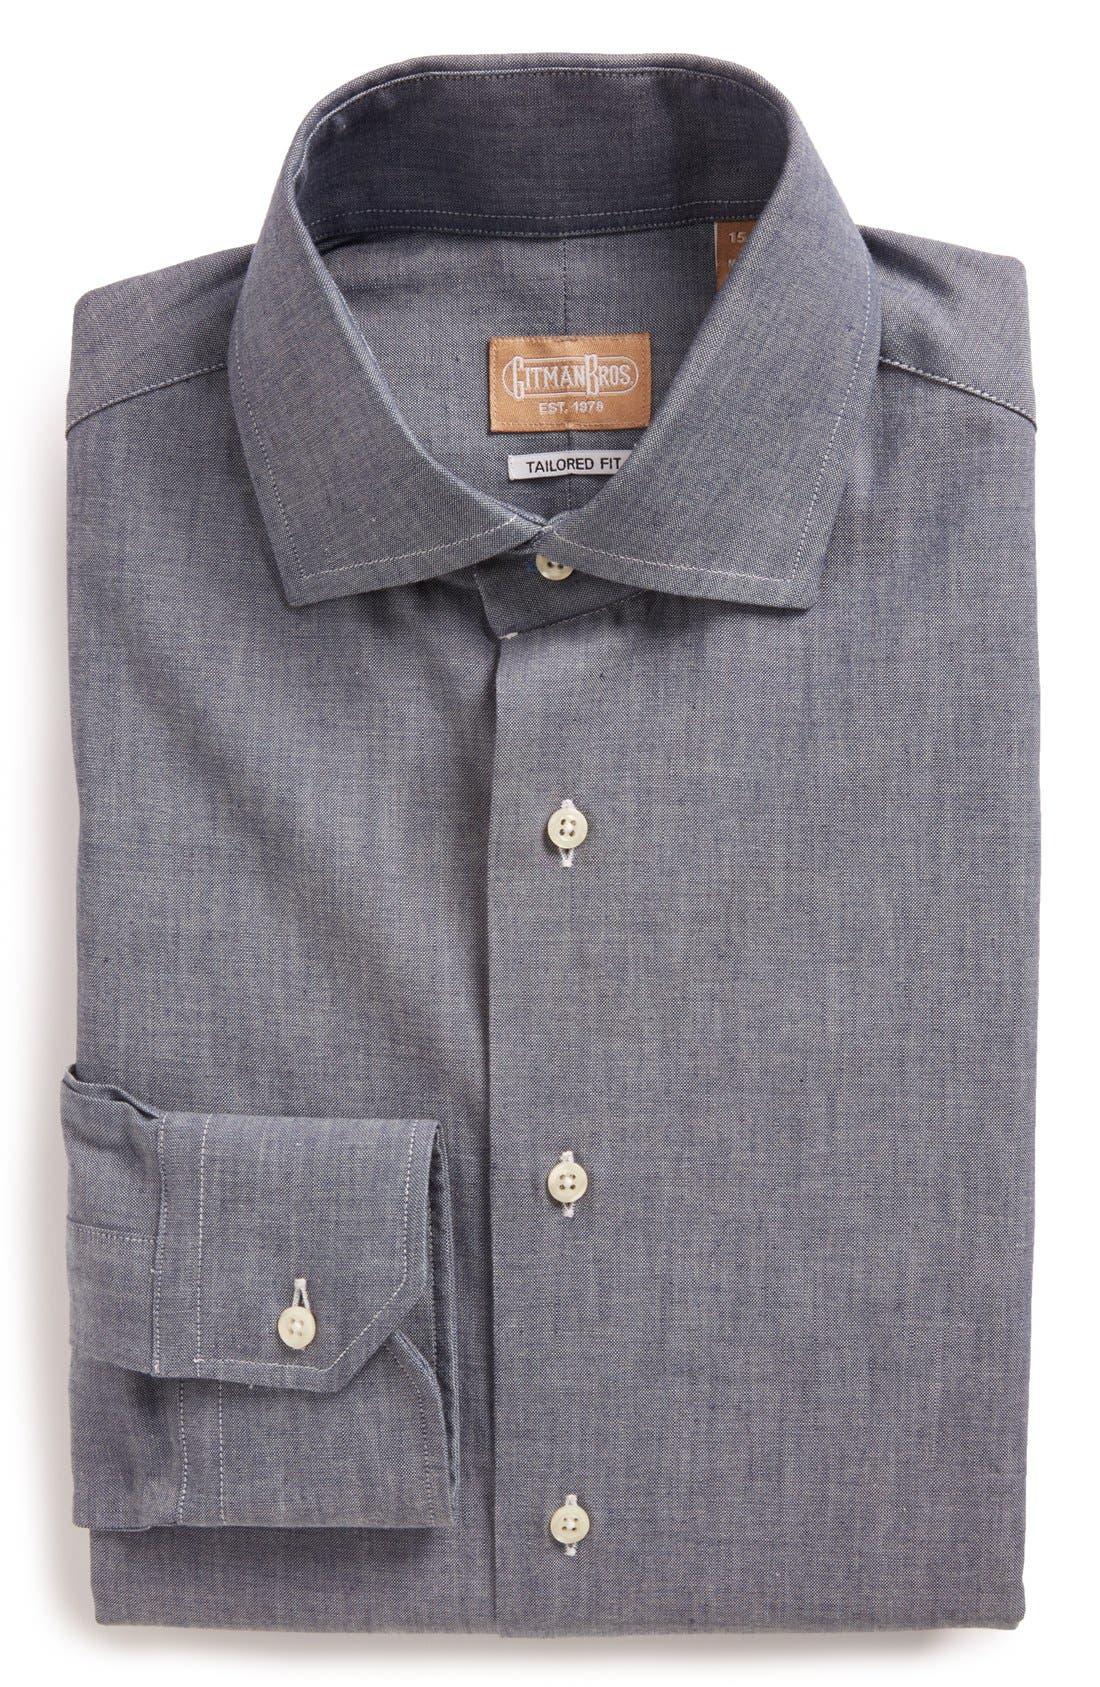 Main Image - Gitman Tailored Fit Chambray Dress Shirt